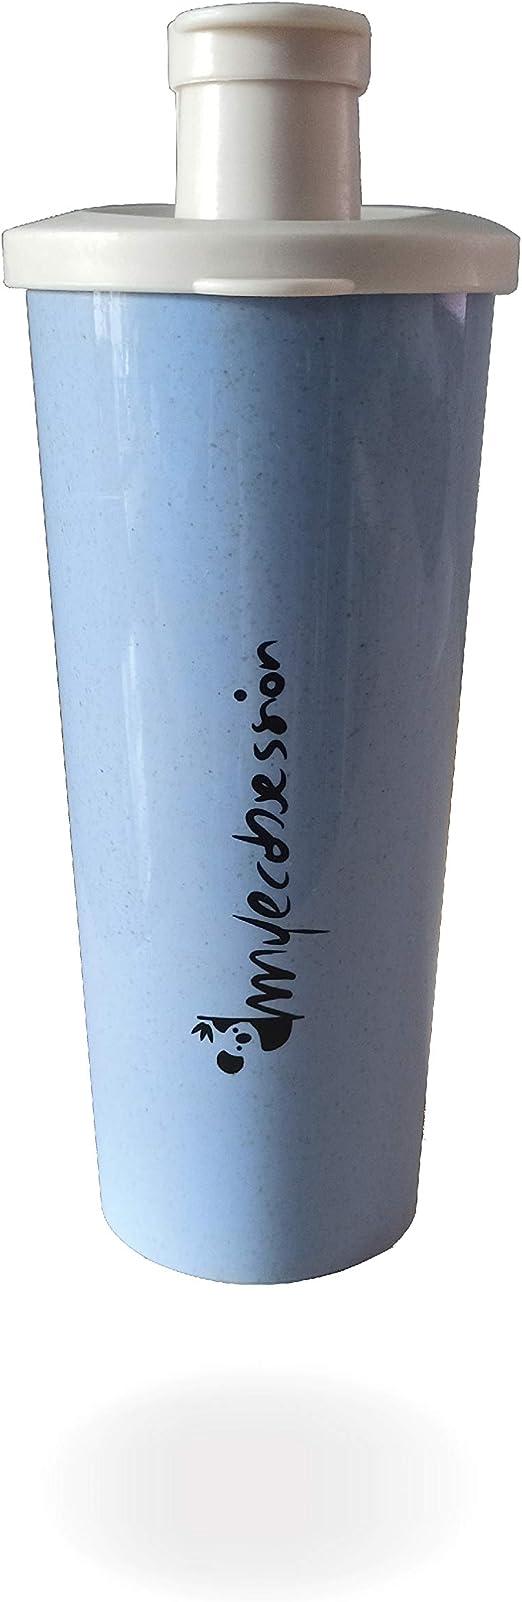 MYECOBSESSION Shaker hermético para batidos de proteínas de 500ml en Fibra de Trigo - con batidor - Mixing Ball - sin BPA (Azul)